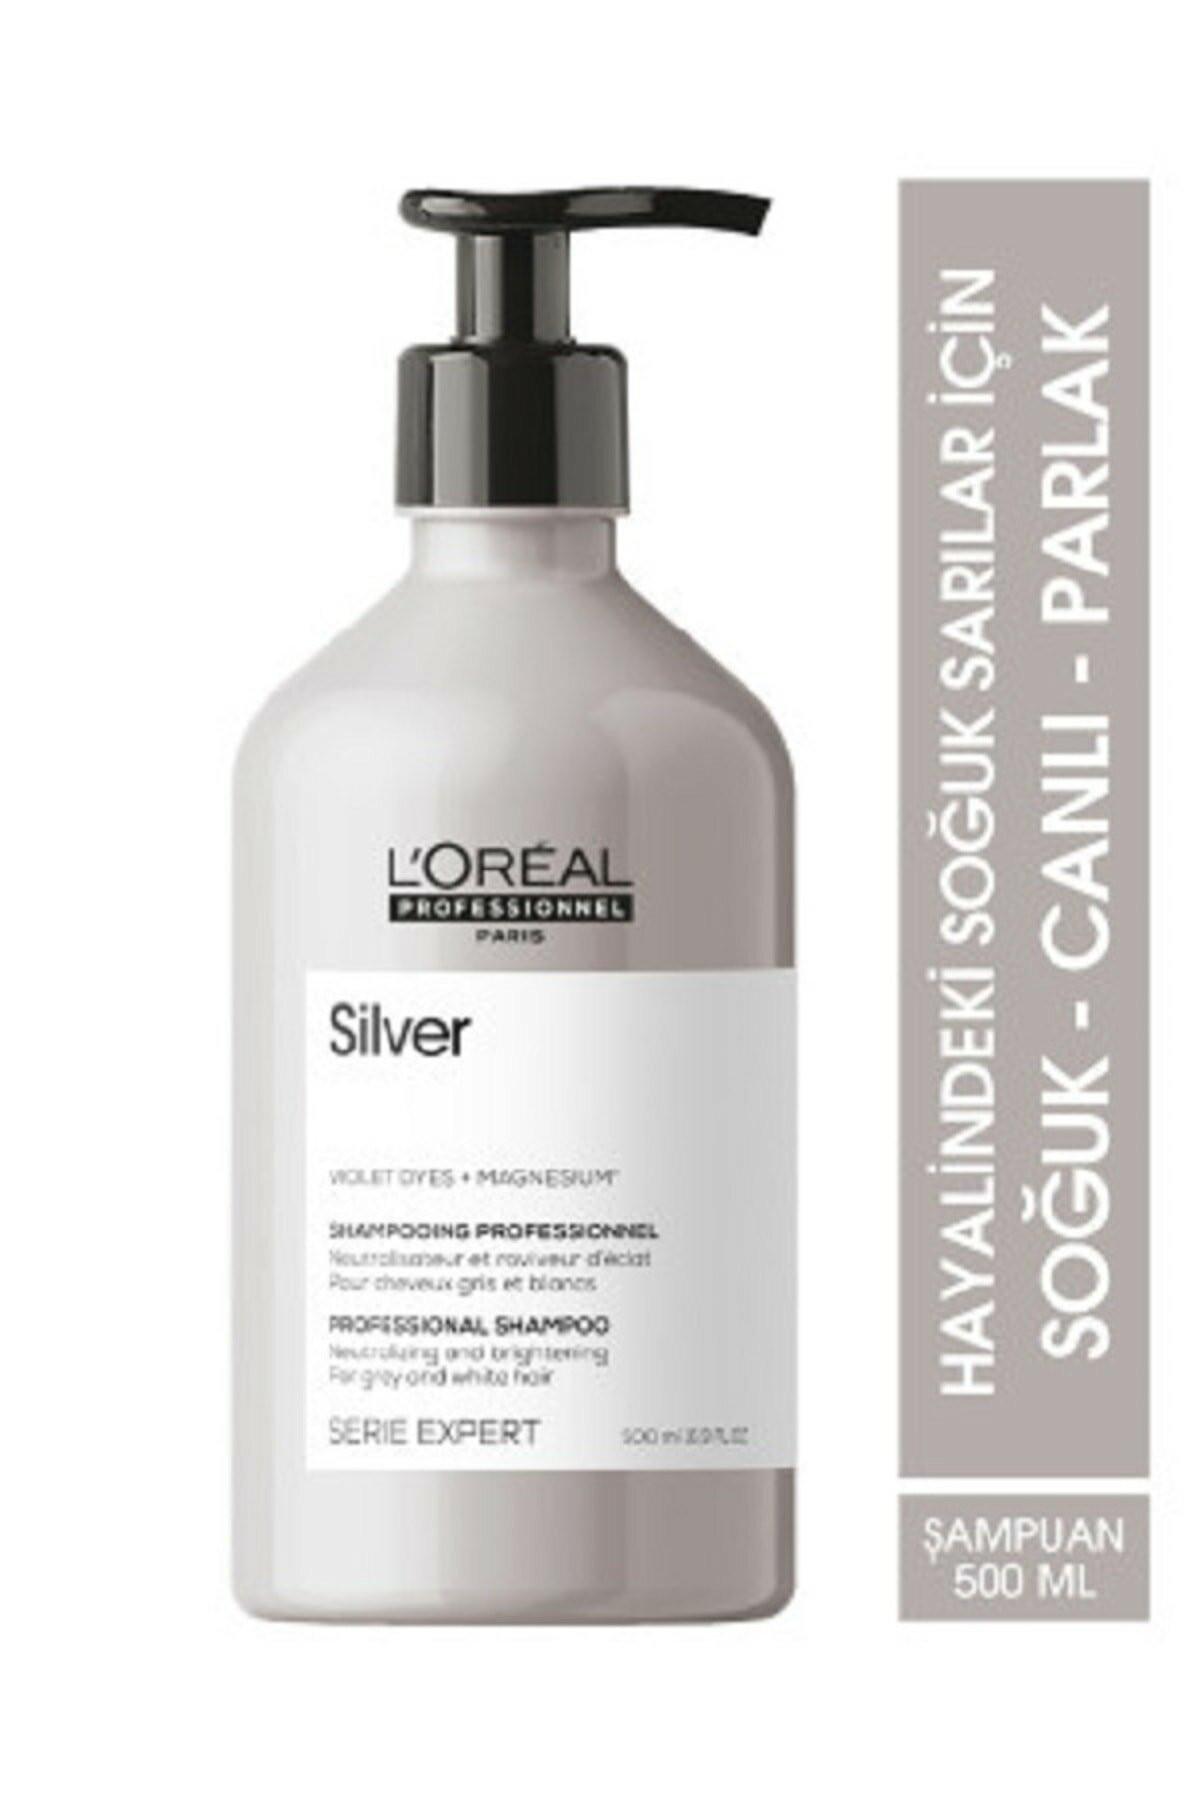 L'oreal Professionnel Serie Expert Silver Çok Açık Sarı Gri ve Beyaz Saçlar İçin Renk Dengeleyici Mor Şampuanı 500 ml